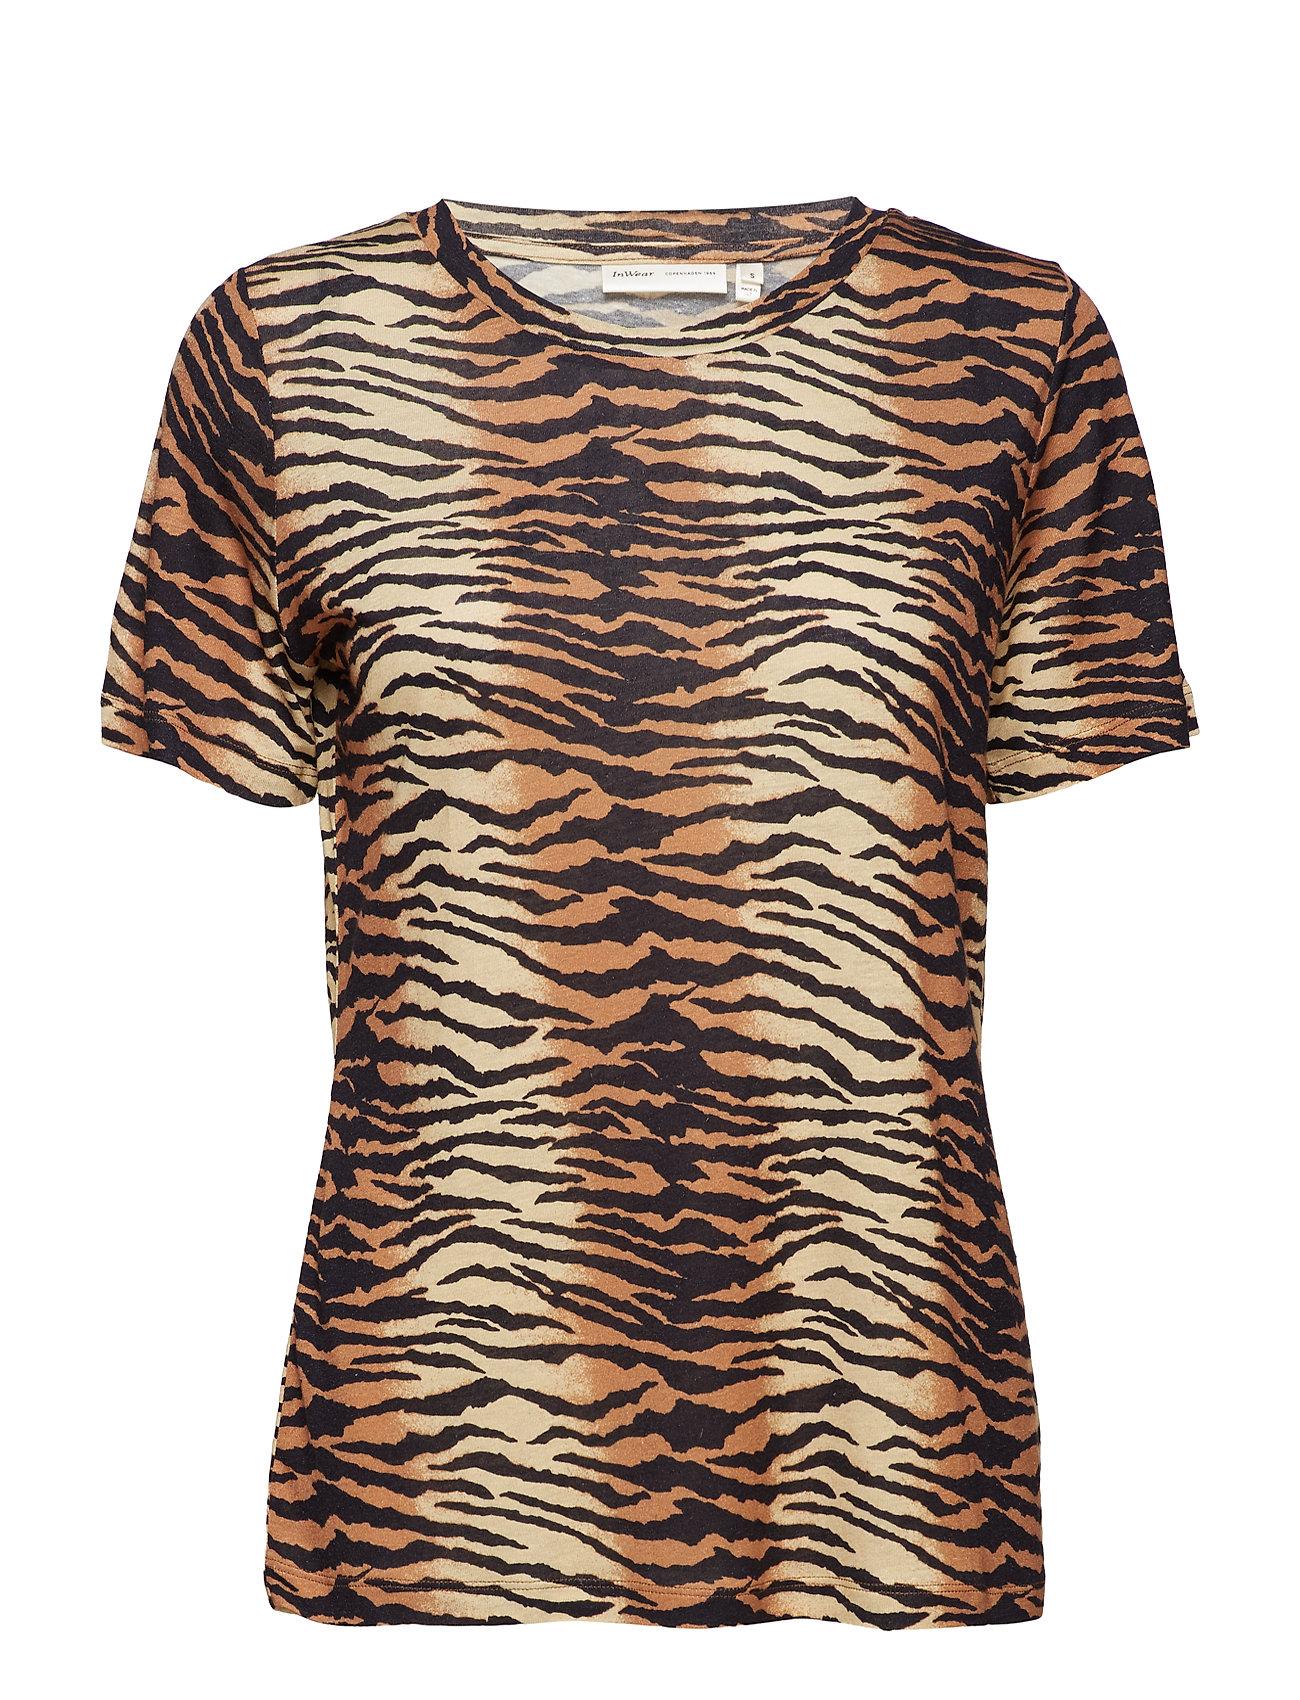 InWear Rosita T shirt Ögrönlar